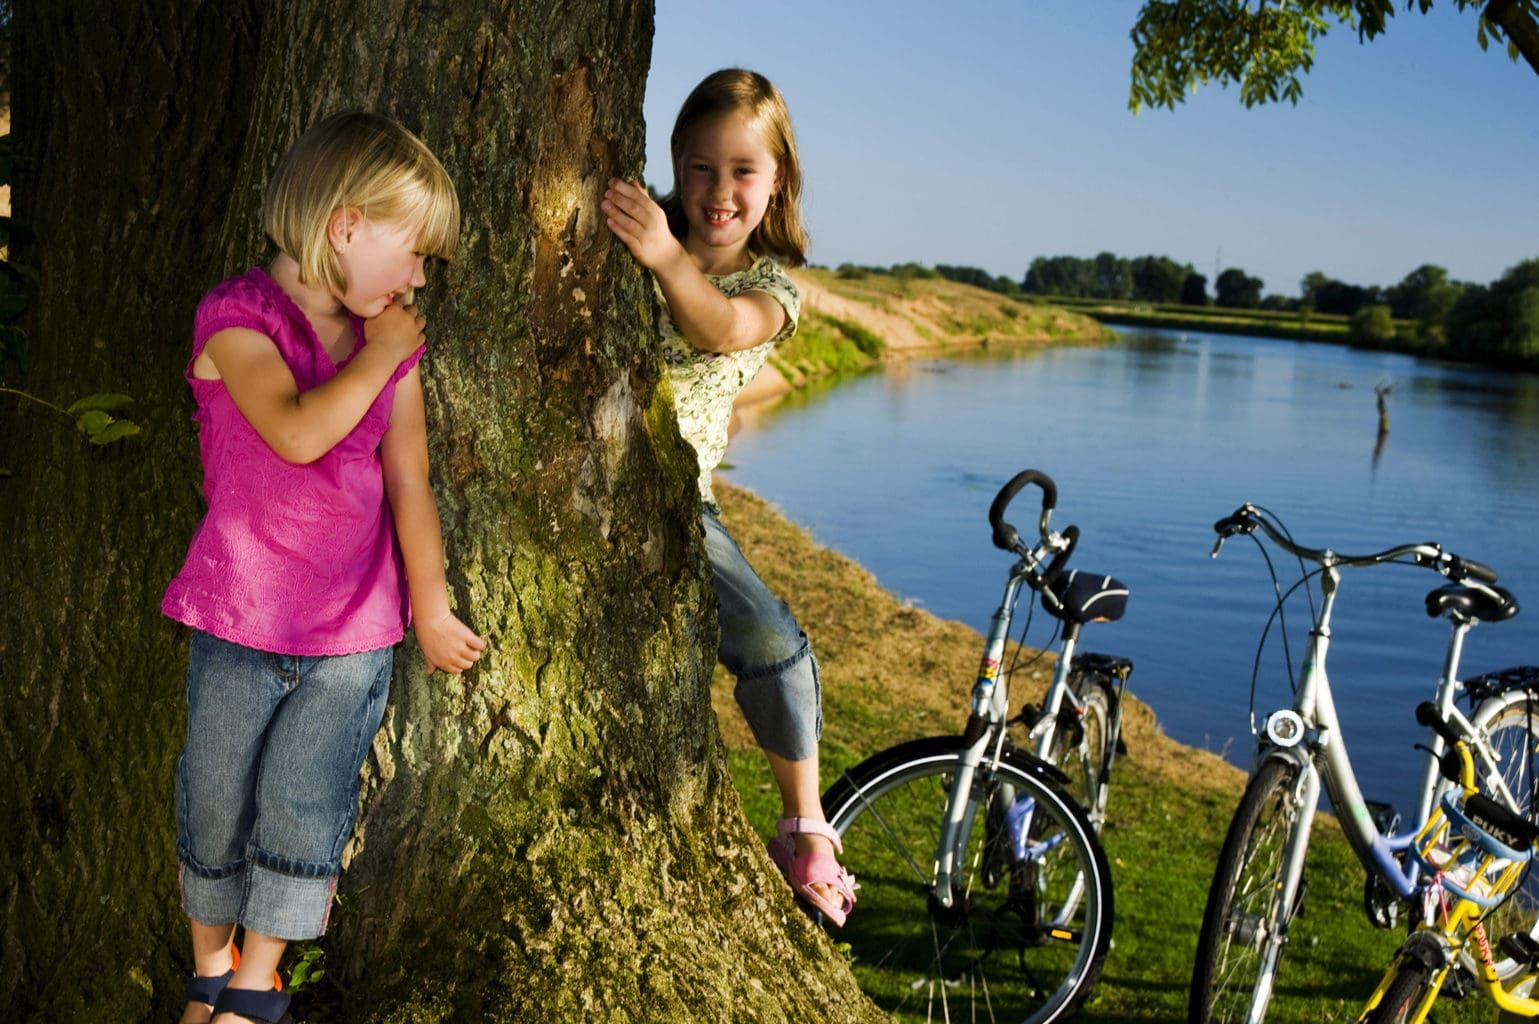 Kinderen spelen met bomen en fietsen met zicht op het water in het Duitse Emsland